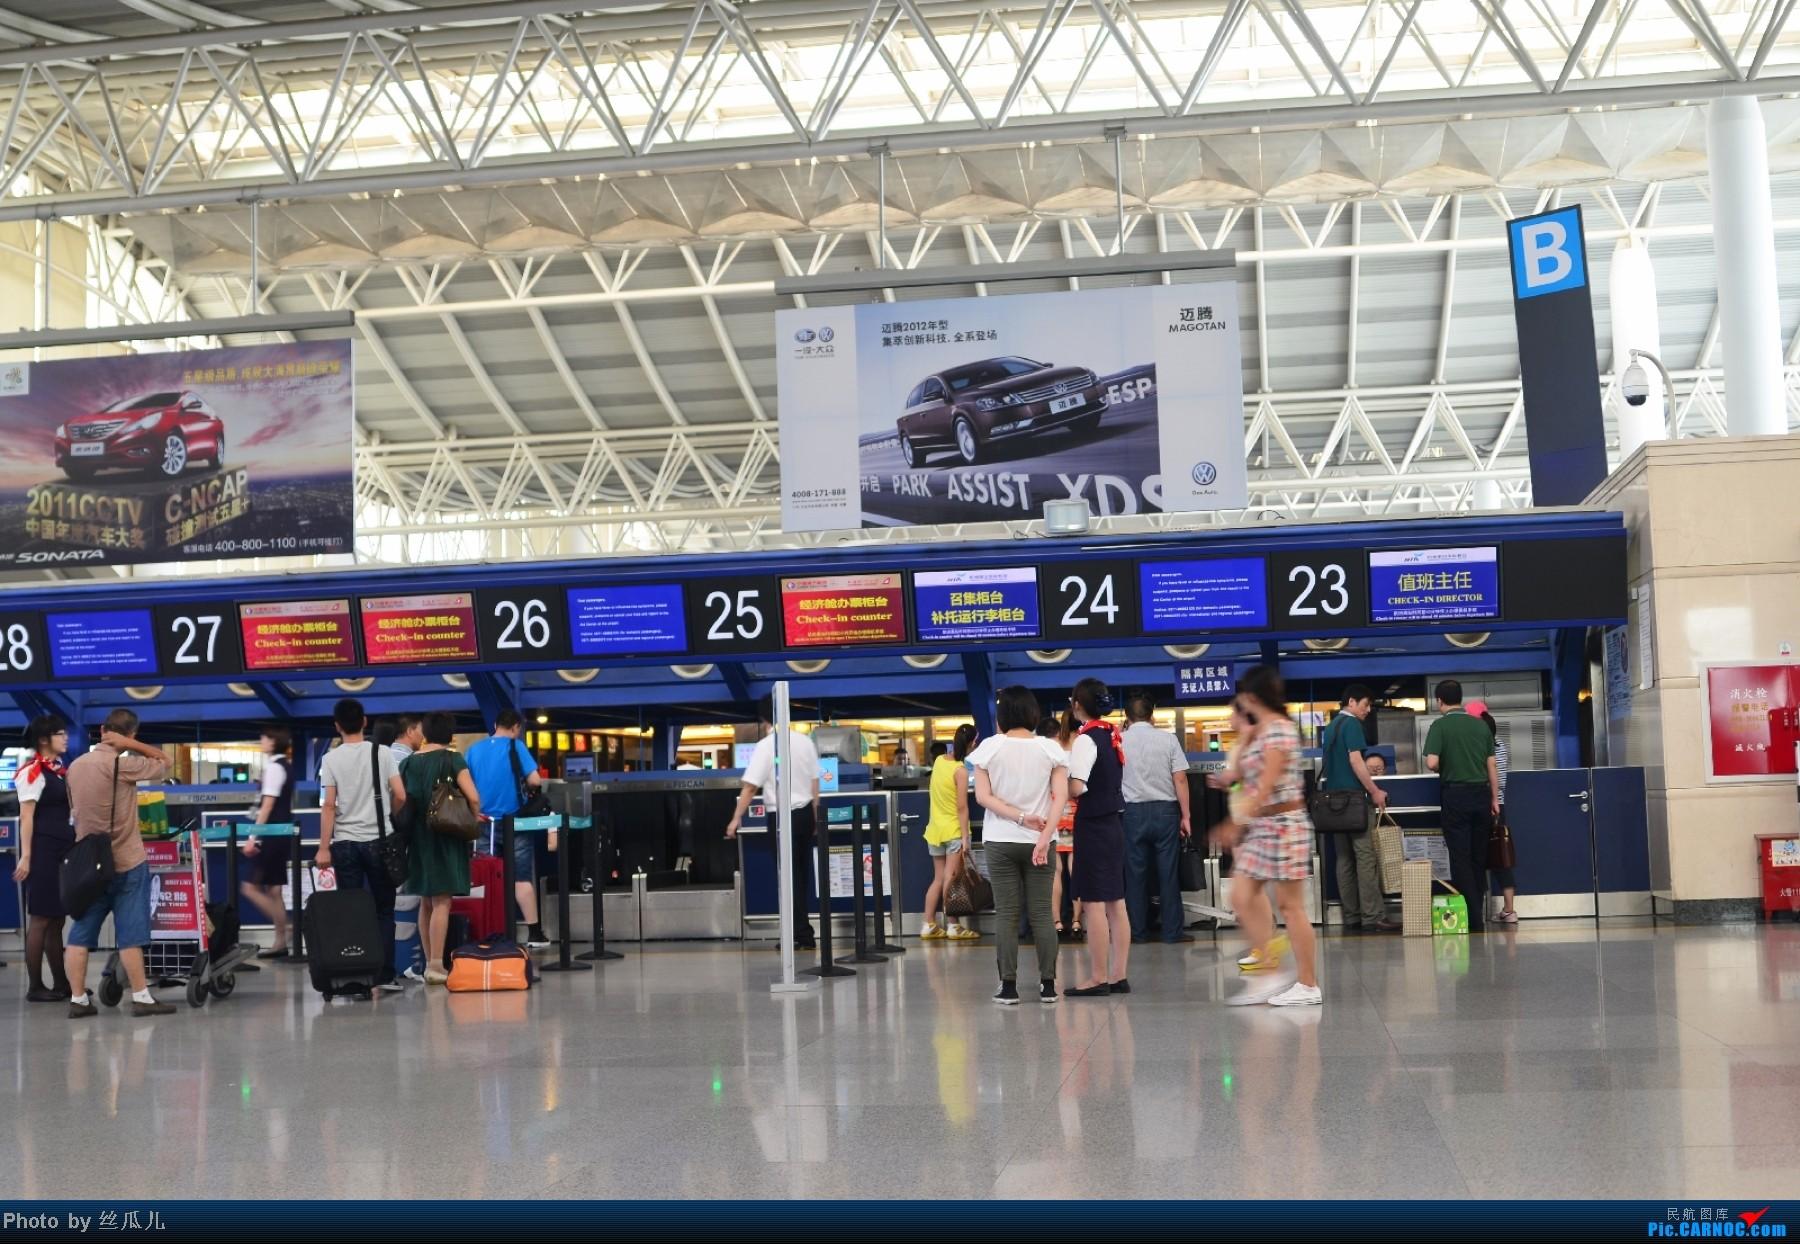 [原创]长途奔袭鸟窝所得,HGH-PEK-HGH,鸟窝上空在我登基前的最后时刻云开雾散,感谢国家!感谢首都!感谢飞友网!感谢新华网!够长吗?不够就继续感谢下去    中国杭州萧山机场